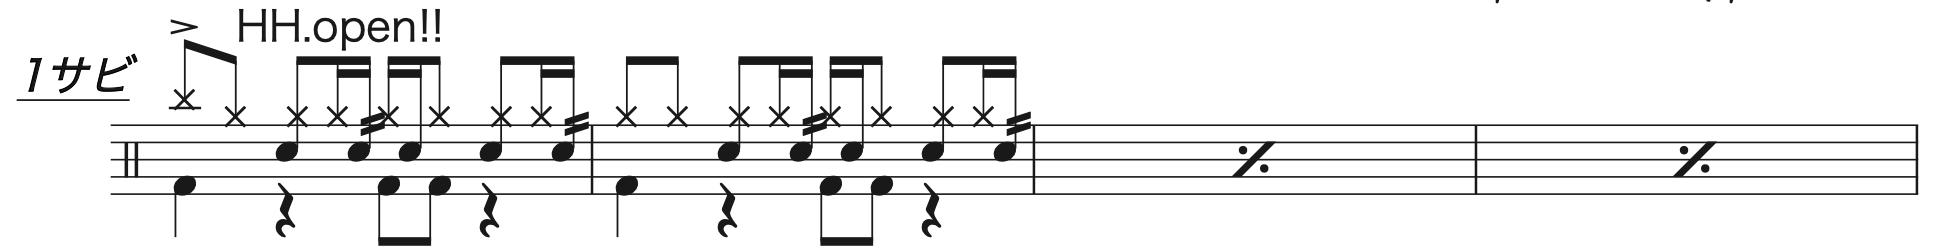 別の人の彼女になったよ,ドラム完コピ楽譜1